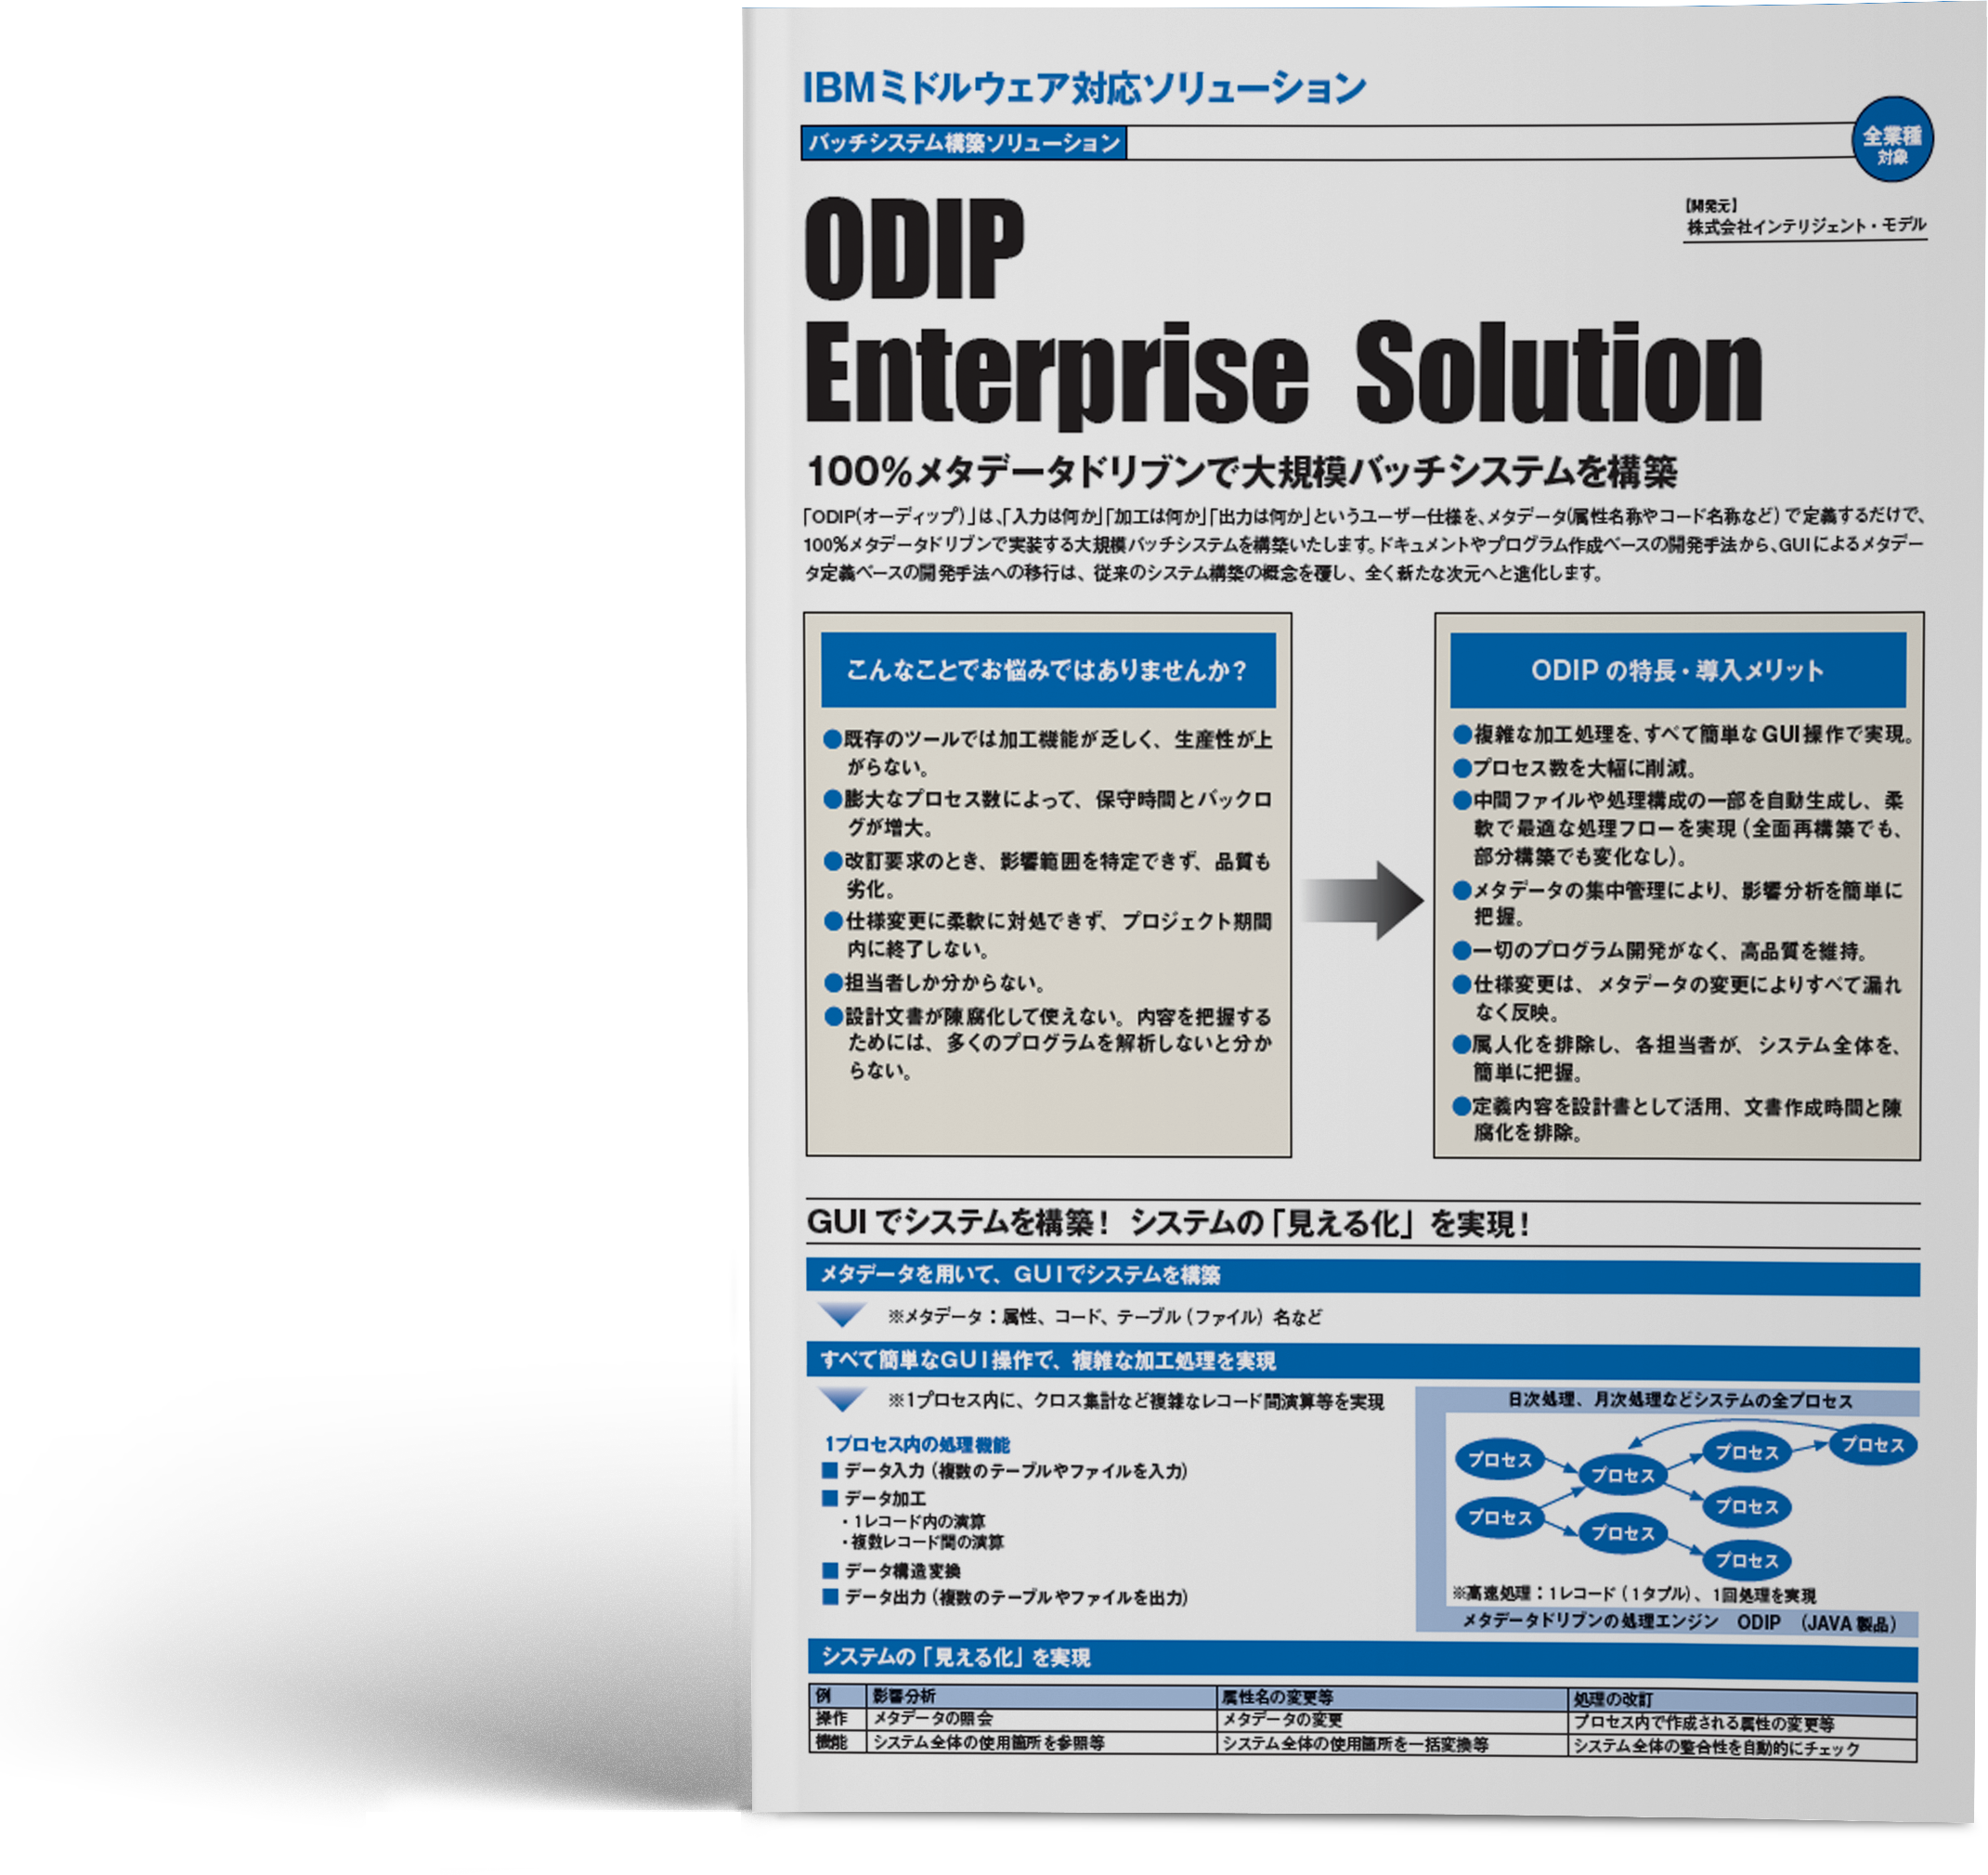 IBM ミドルウェア対応ソリューション